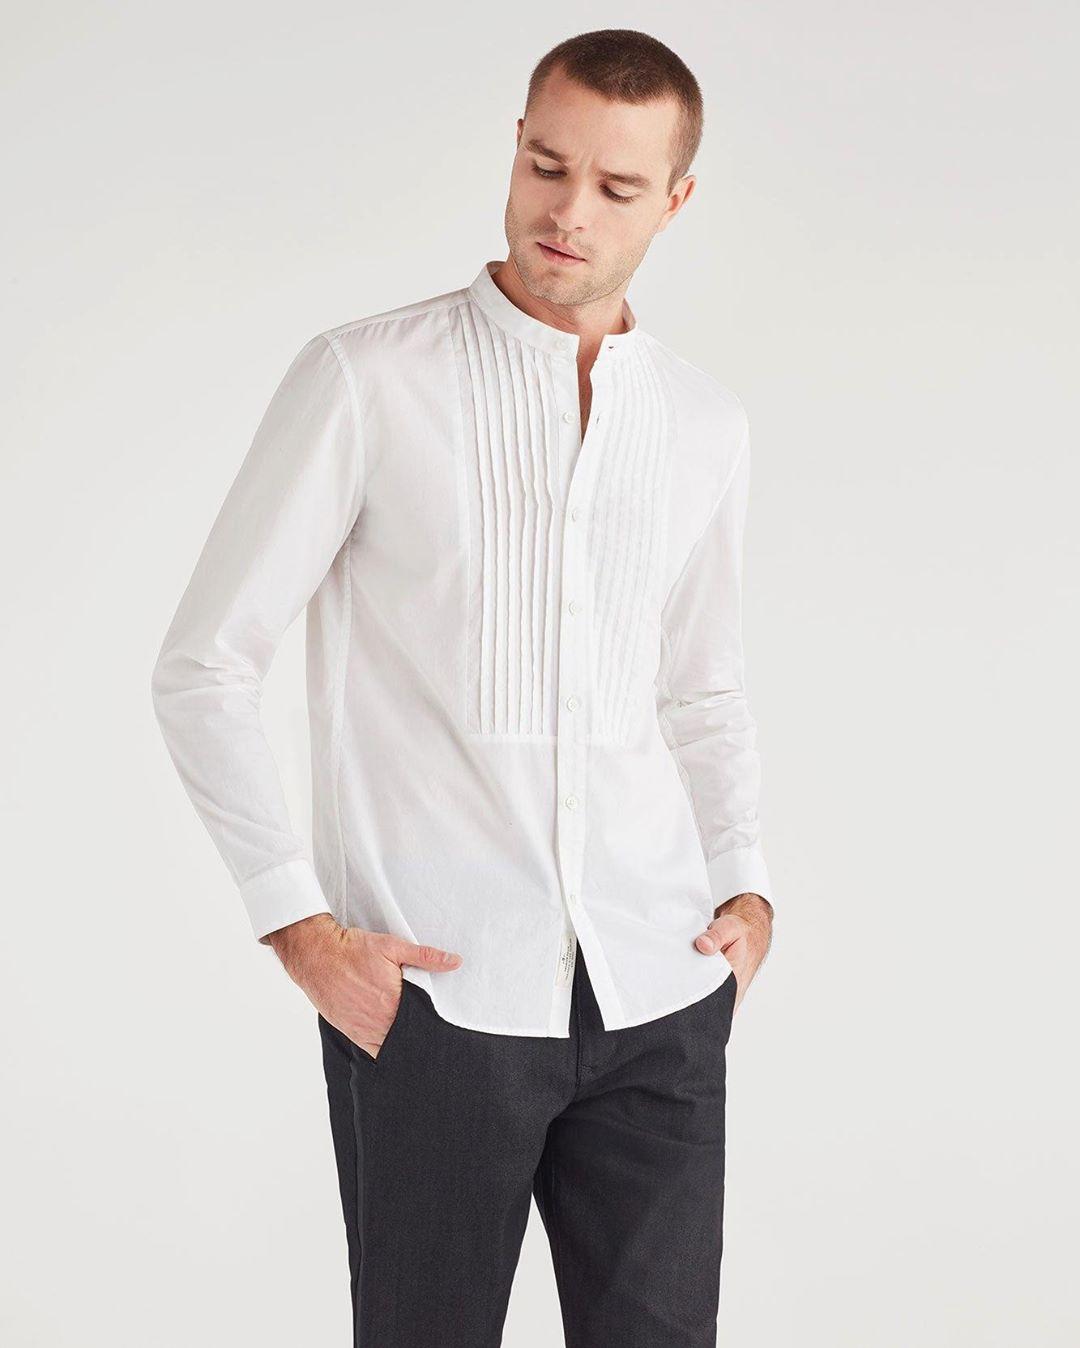 Men's Poplin Ripstop Tux Shirt in White